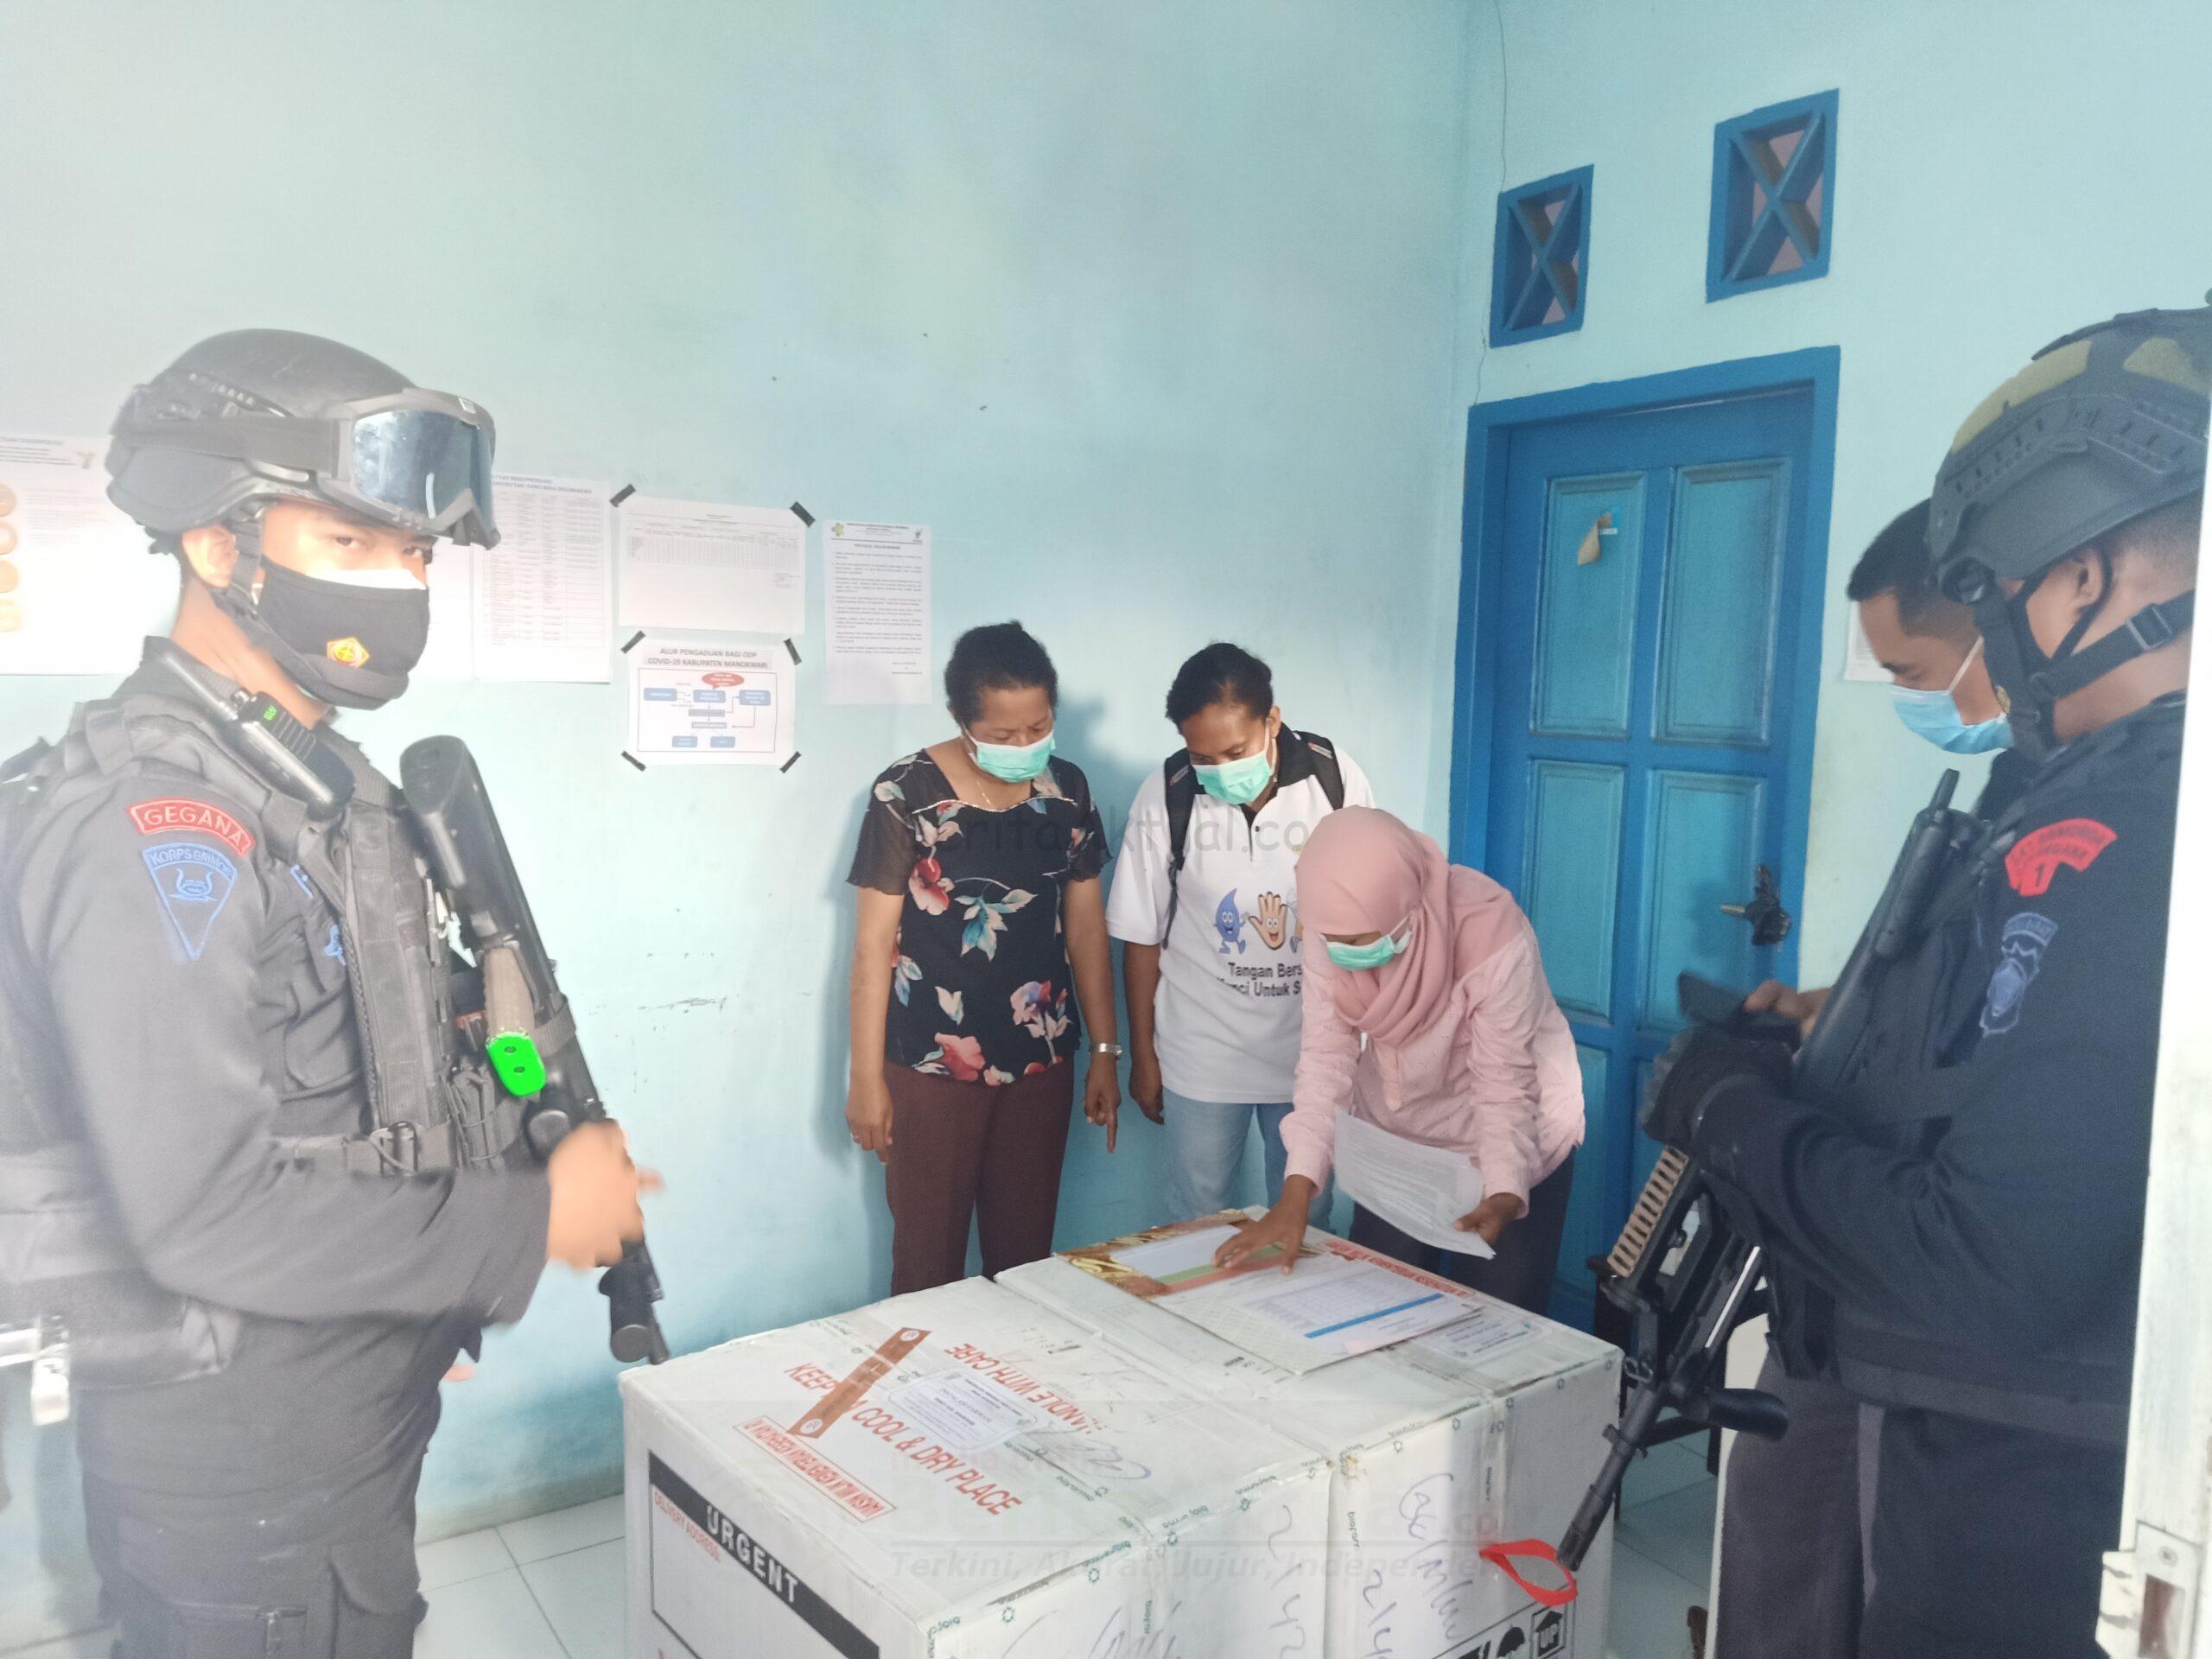 Dinas Kesehatan Papua Barat, Distribusikan 4.200 Vaksin Sinovac ke Kabupaten Manokwari 1 IMG20210117142157 scaled